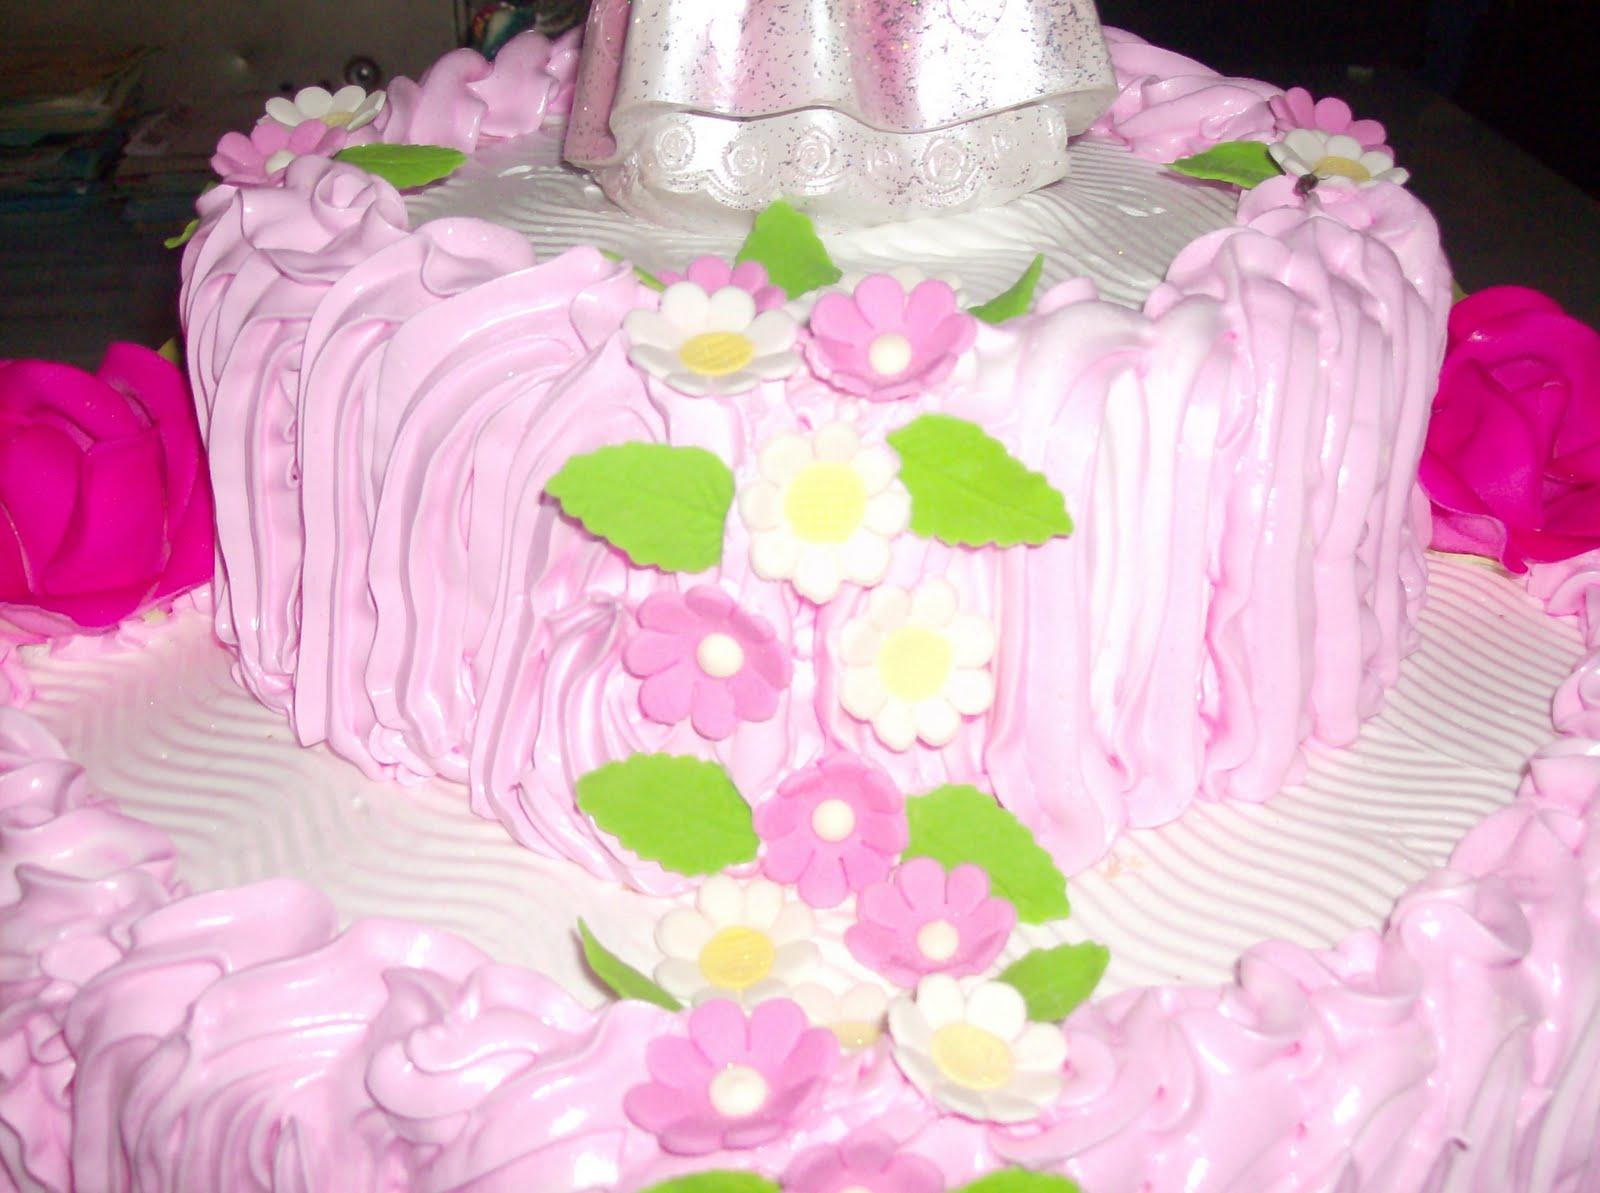 Pin pastillaje ponque de boda reposteria decoracion tortas - Decoracion de tortas ...